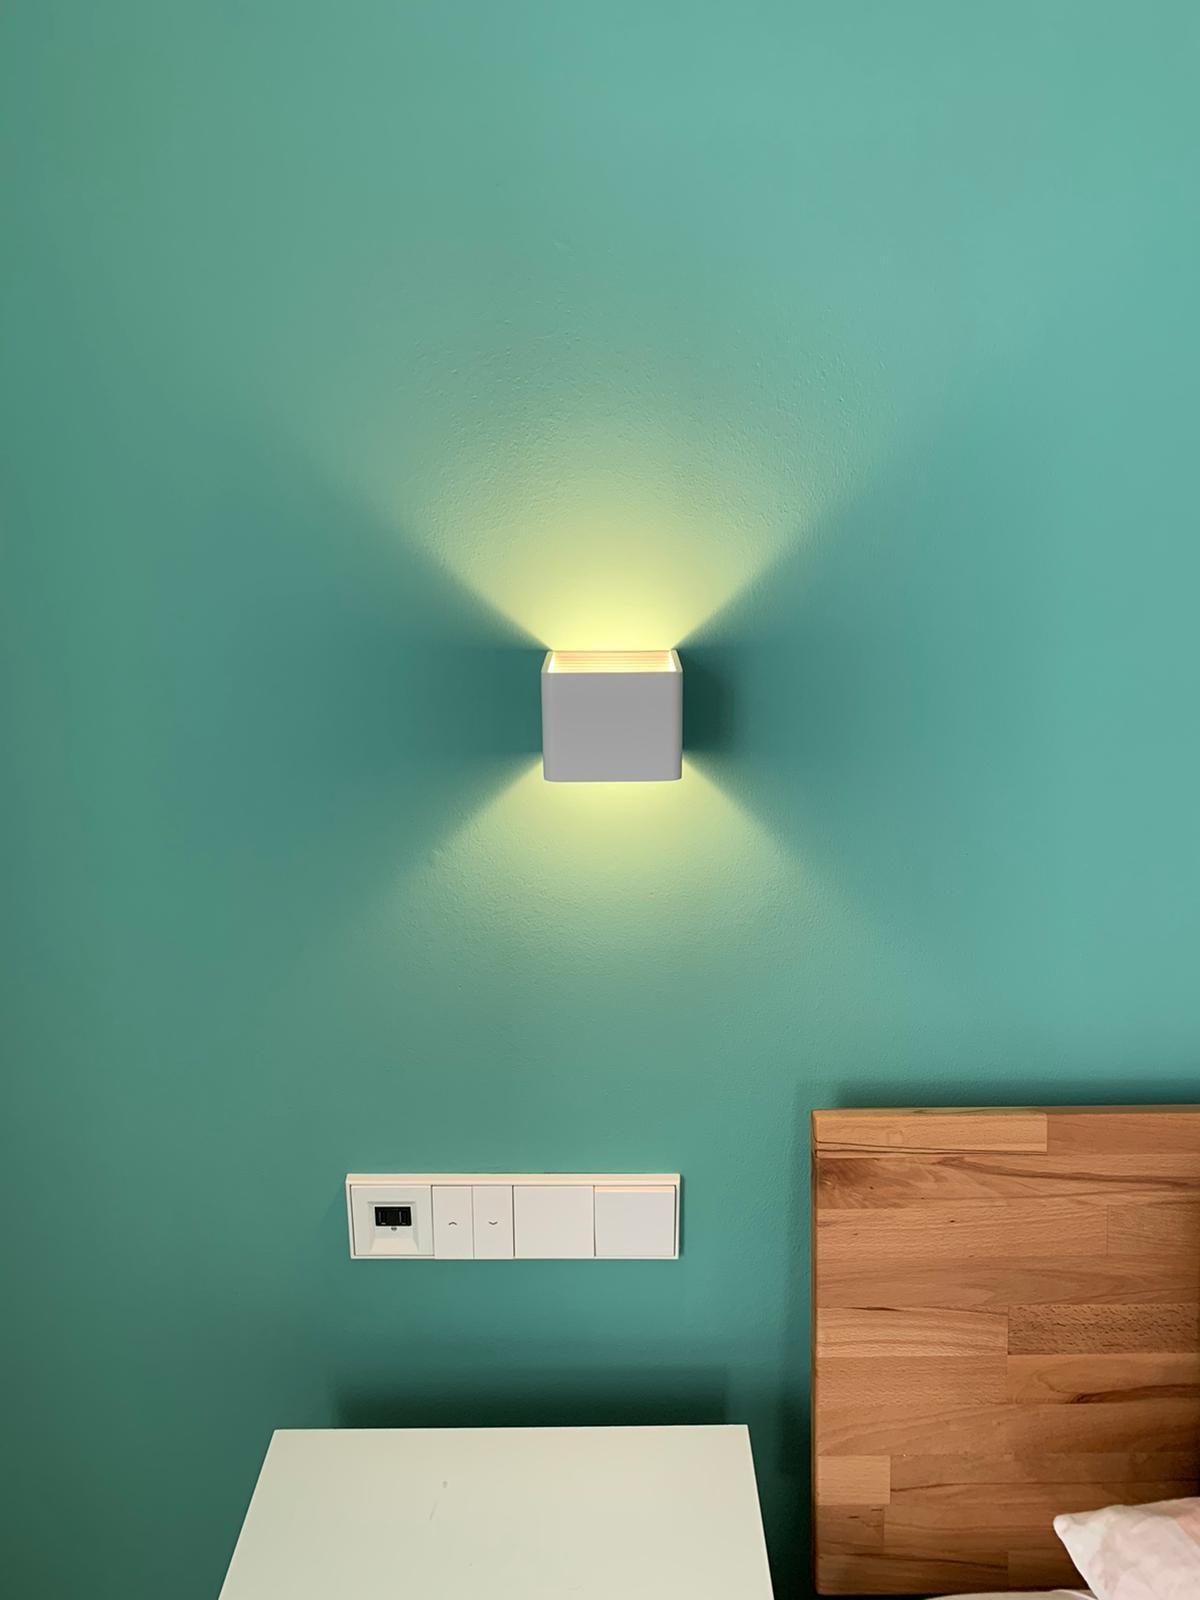 5 Watt Led Design Wandleuchte Ip20 Mit Indirektem Lichtaustritt Als Up Down Light Erhaltlich In Den Variationen 3000 In 2020 Wandleuchte Beleuchtung Hausbeleuchtung